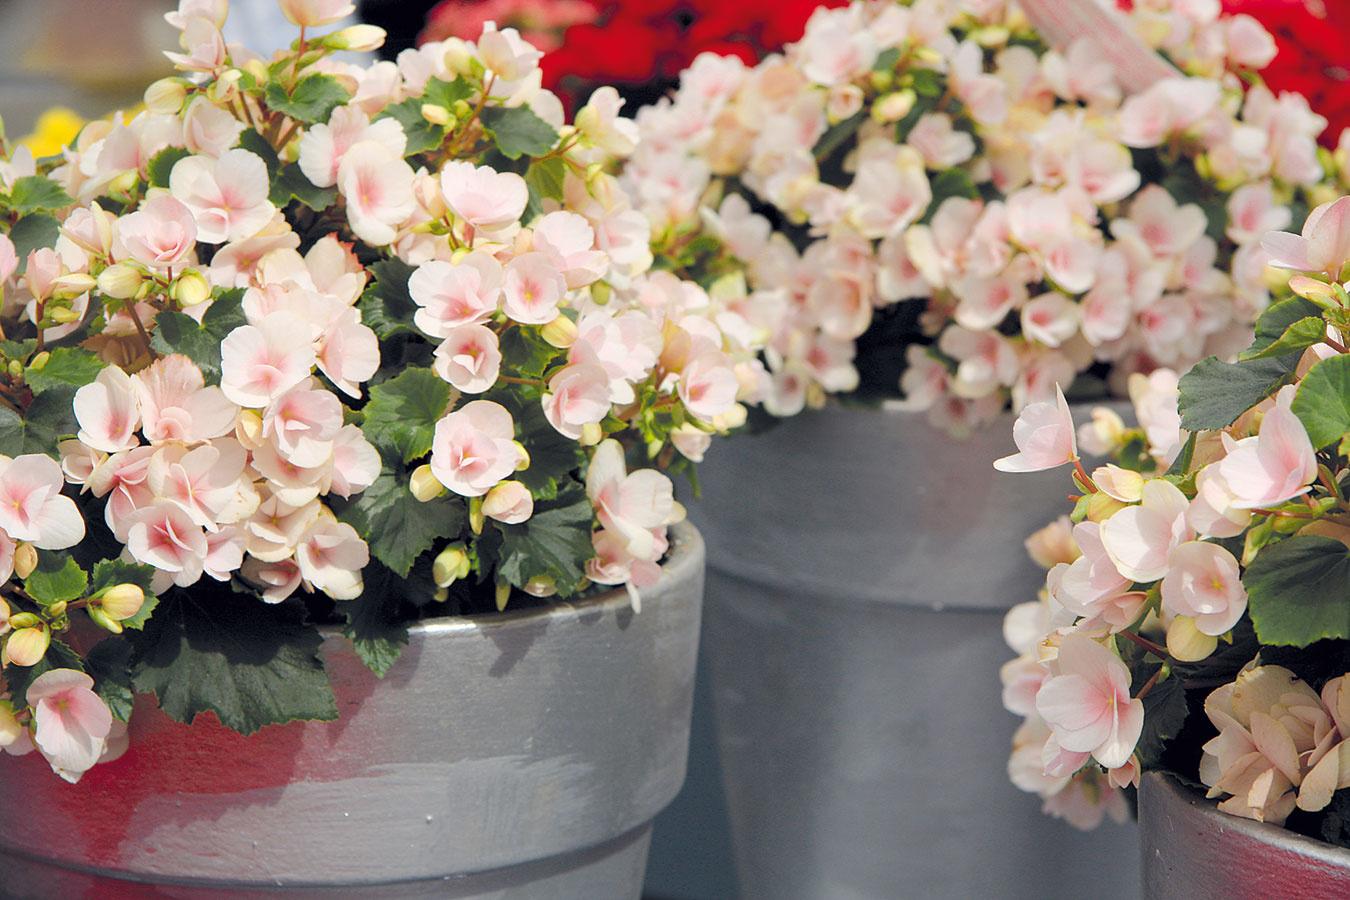 Begónie (Begonia elatior) sa vďaka svojim krásnym kvetom tešia veľkej obľube vmodernom ividieckom interiéri. Kvitnú vzimnom období, ich kvety sú prevažne okrúhle, plné alebo jednoduché, najčastejšie biele, jemne alebo sýtoružové, oranžové, červené či žlté. Naraz ich rozkvitá obrovské množstvo, pričom takmer nevidno ich krehké listy. Begónie sa vyznačujú košatým, ale kompaktným rastom. Ide okrátkodobé rastliny – po odkvitnutí sa ich nevypláca ďalej pestovať. Predpokladom bohatého kvitnutia je svetlé, teplé anajmä vzdušné miesto, kde sa častejšie vetrá. Skvitnúcou rastlinou by sa nemalo hýbať, pretože je náchylná na poškodenie. Substrát udržiavajte stále mierne vlhký (zálievka ku koreňom) arastlinu raz za 14 dní prihnojte hnojivom na kvitnúce izbové rastliny.